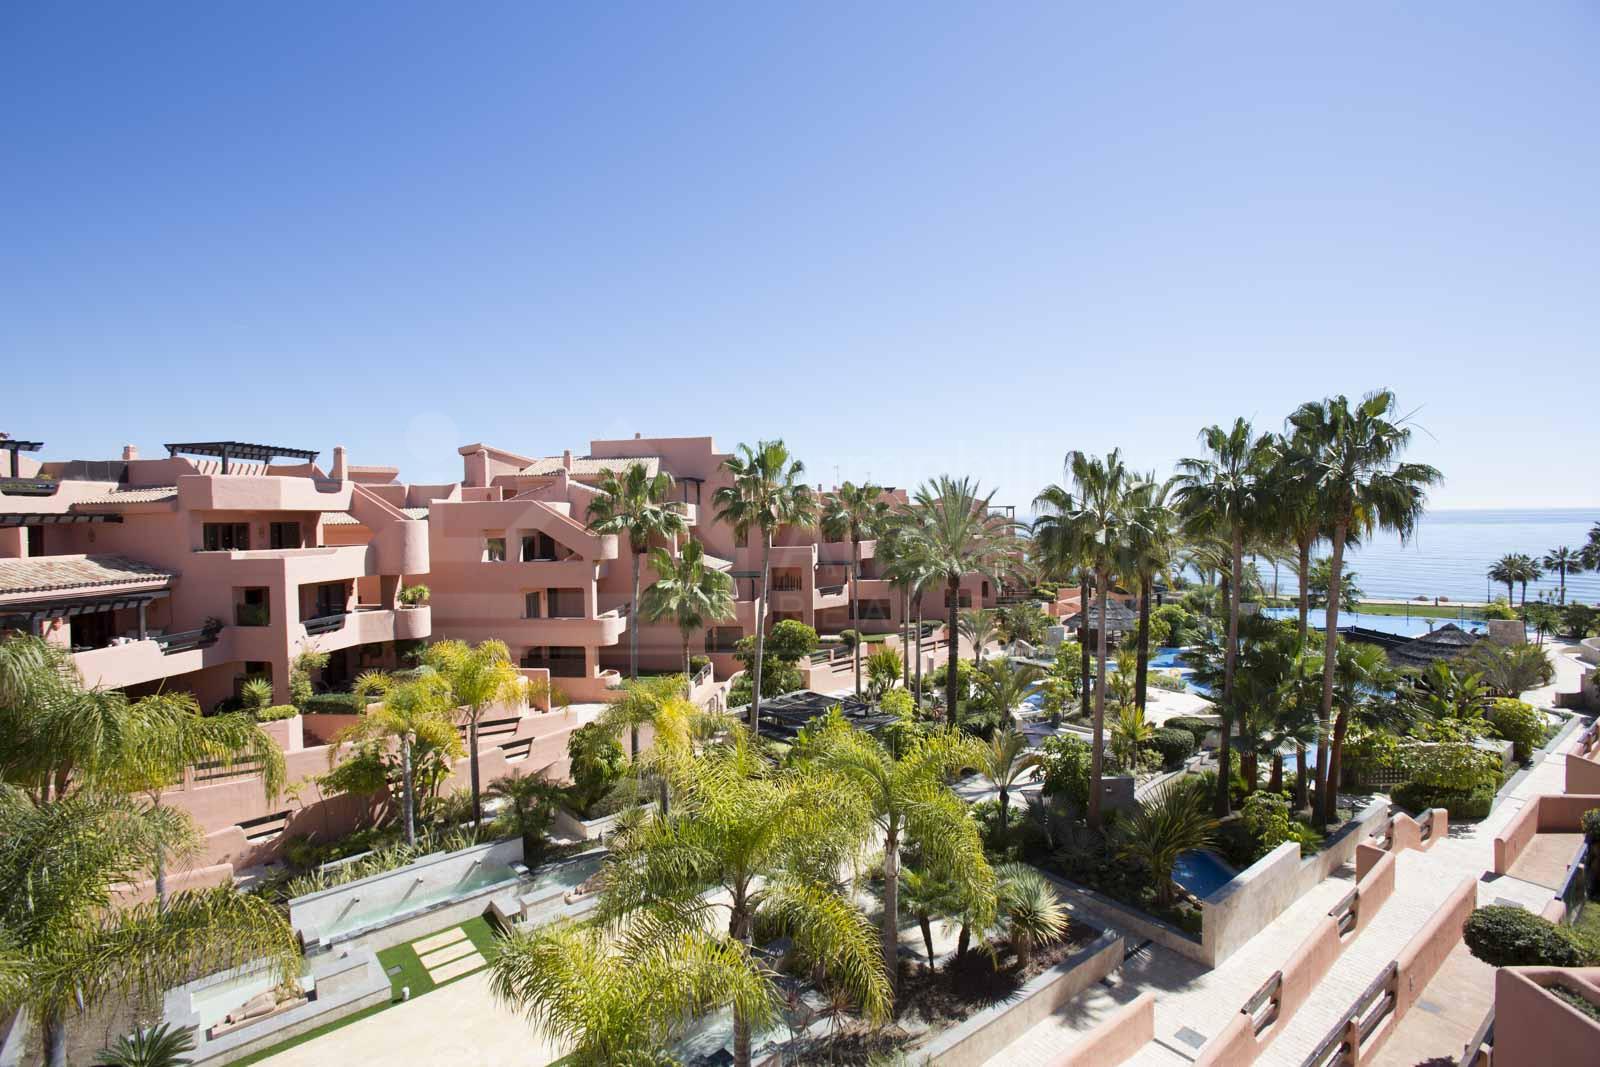 2 bedroom ground floor garden apartment for sale in Mar Azul, Estepona